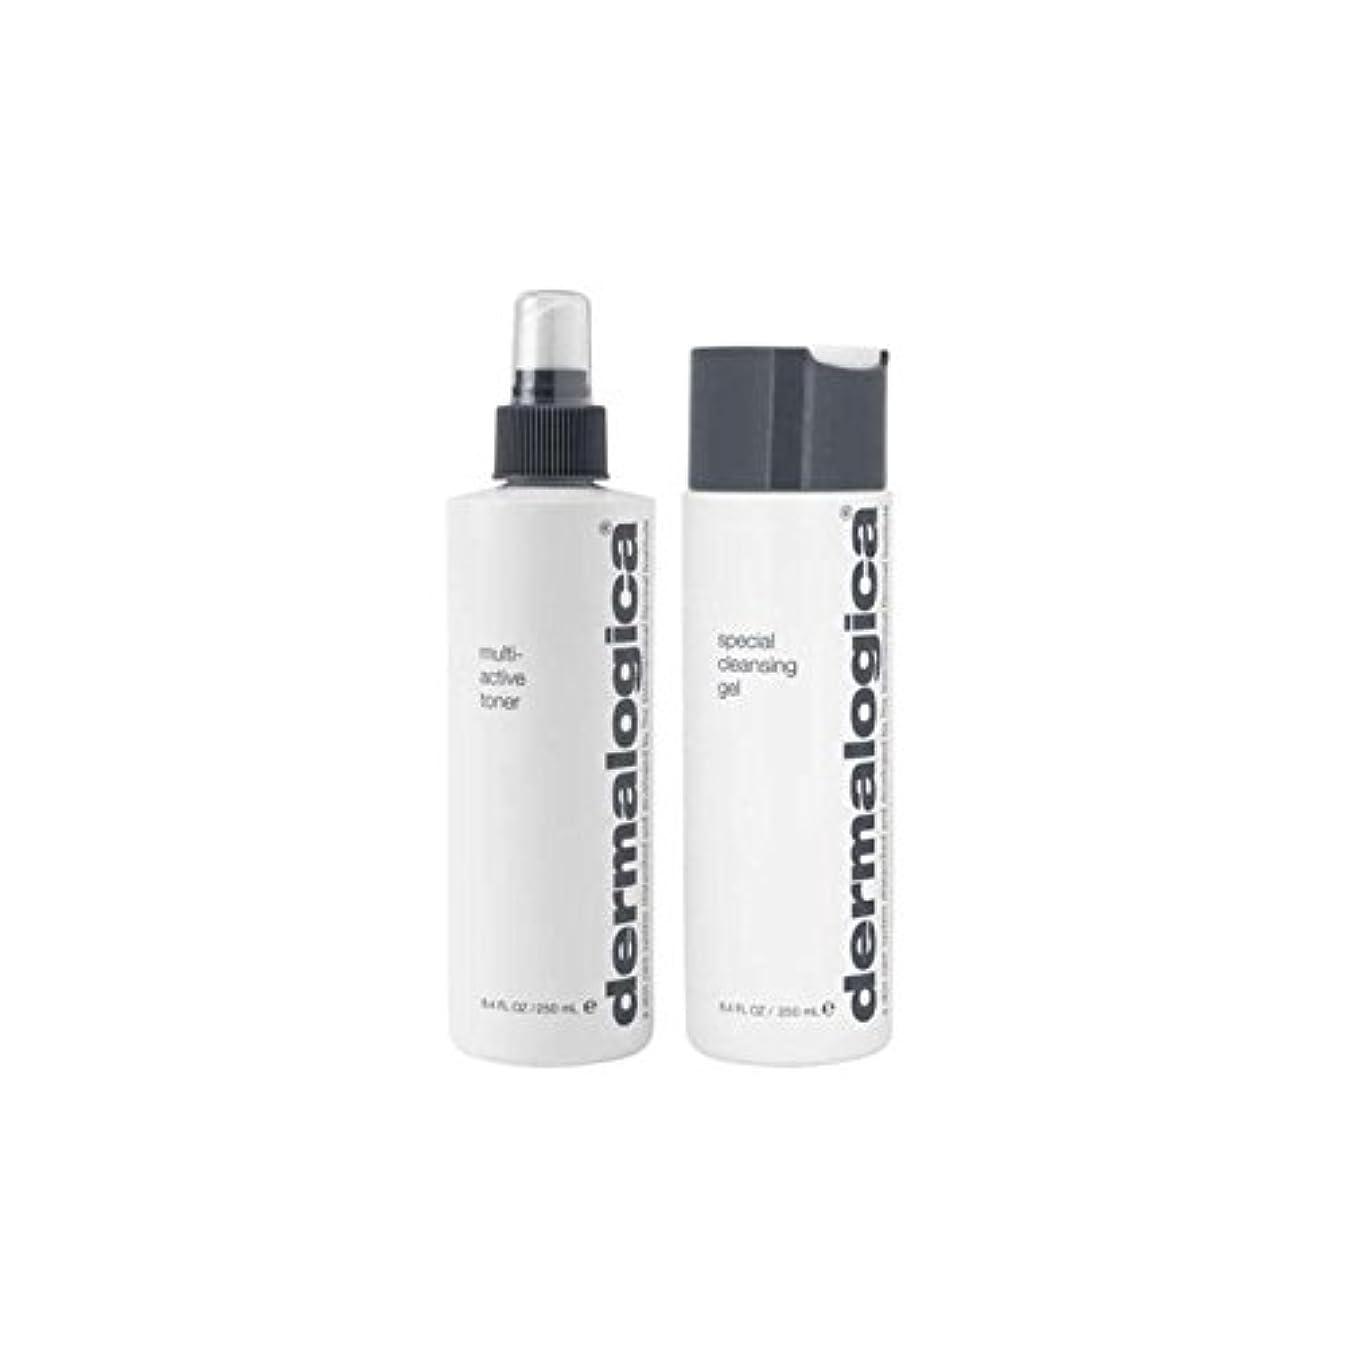 スチュワード乱闘答えDermalogica Cleanse & Tone Duo - Normal/Dry Skin (2 Products) - ダーマロジカクレンジング&トーンデュオ - ノーマル/ドライスキン(2製品) [並行輸入品]